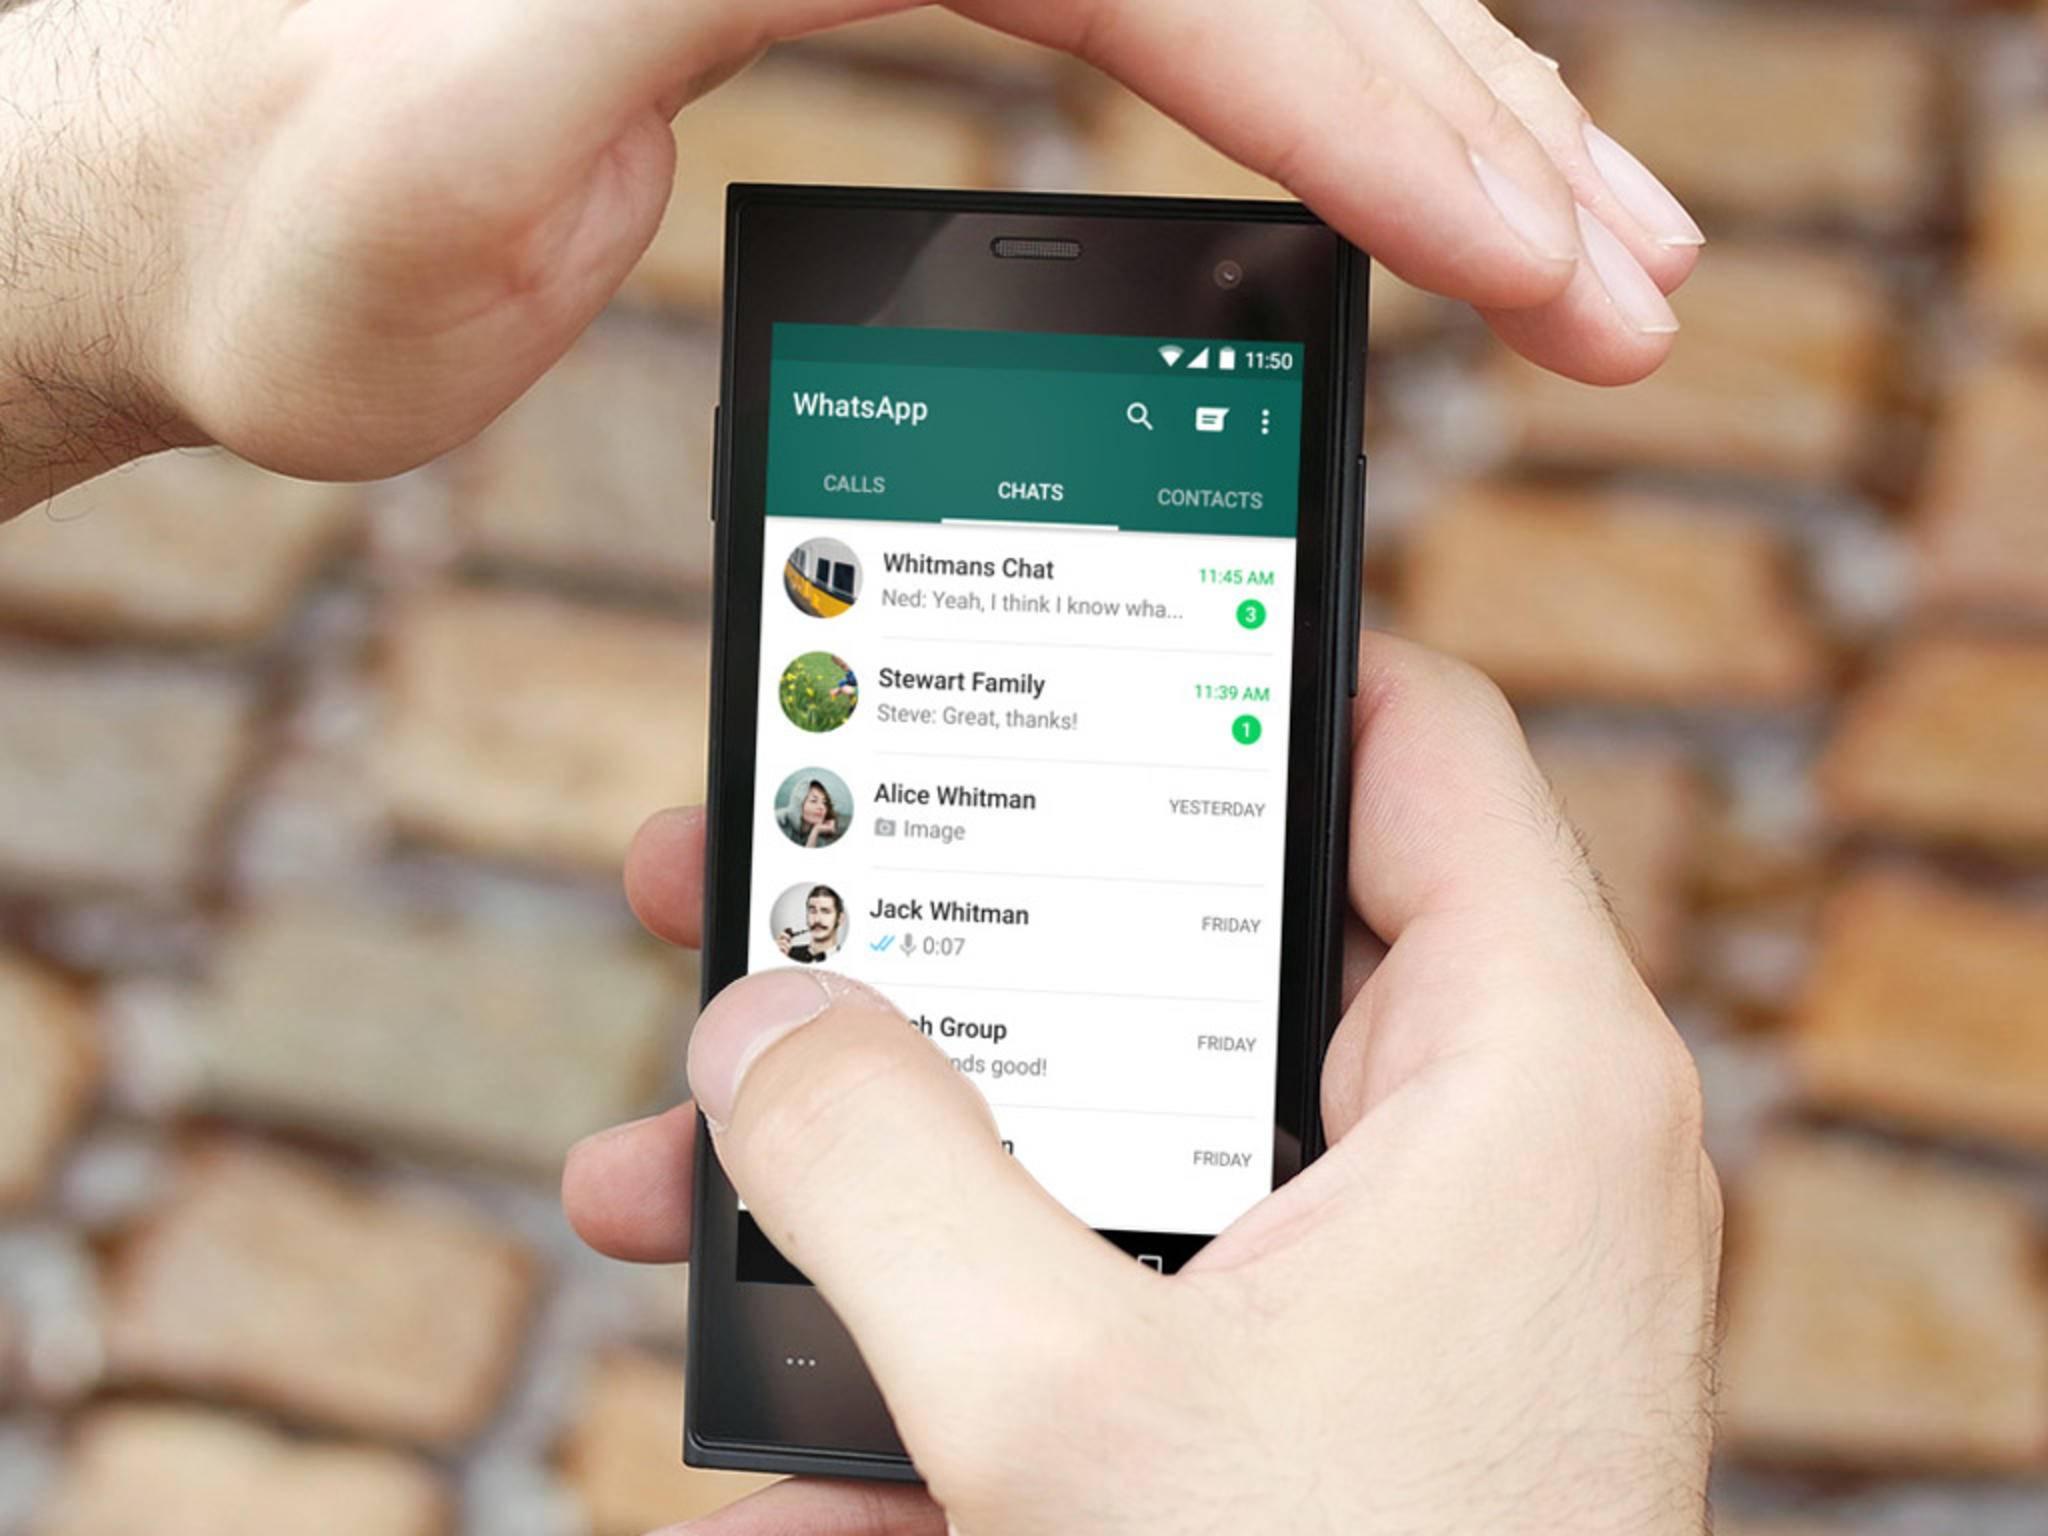 Die Profilbilder von WhatsApp lassen sich speichern.